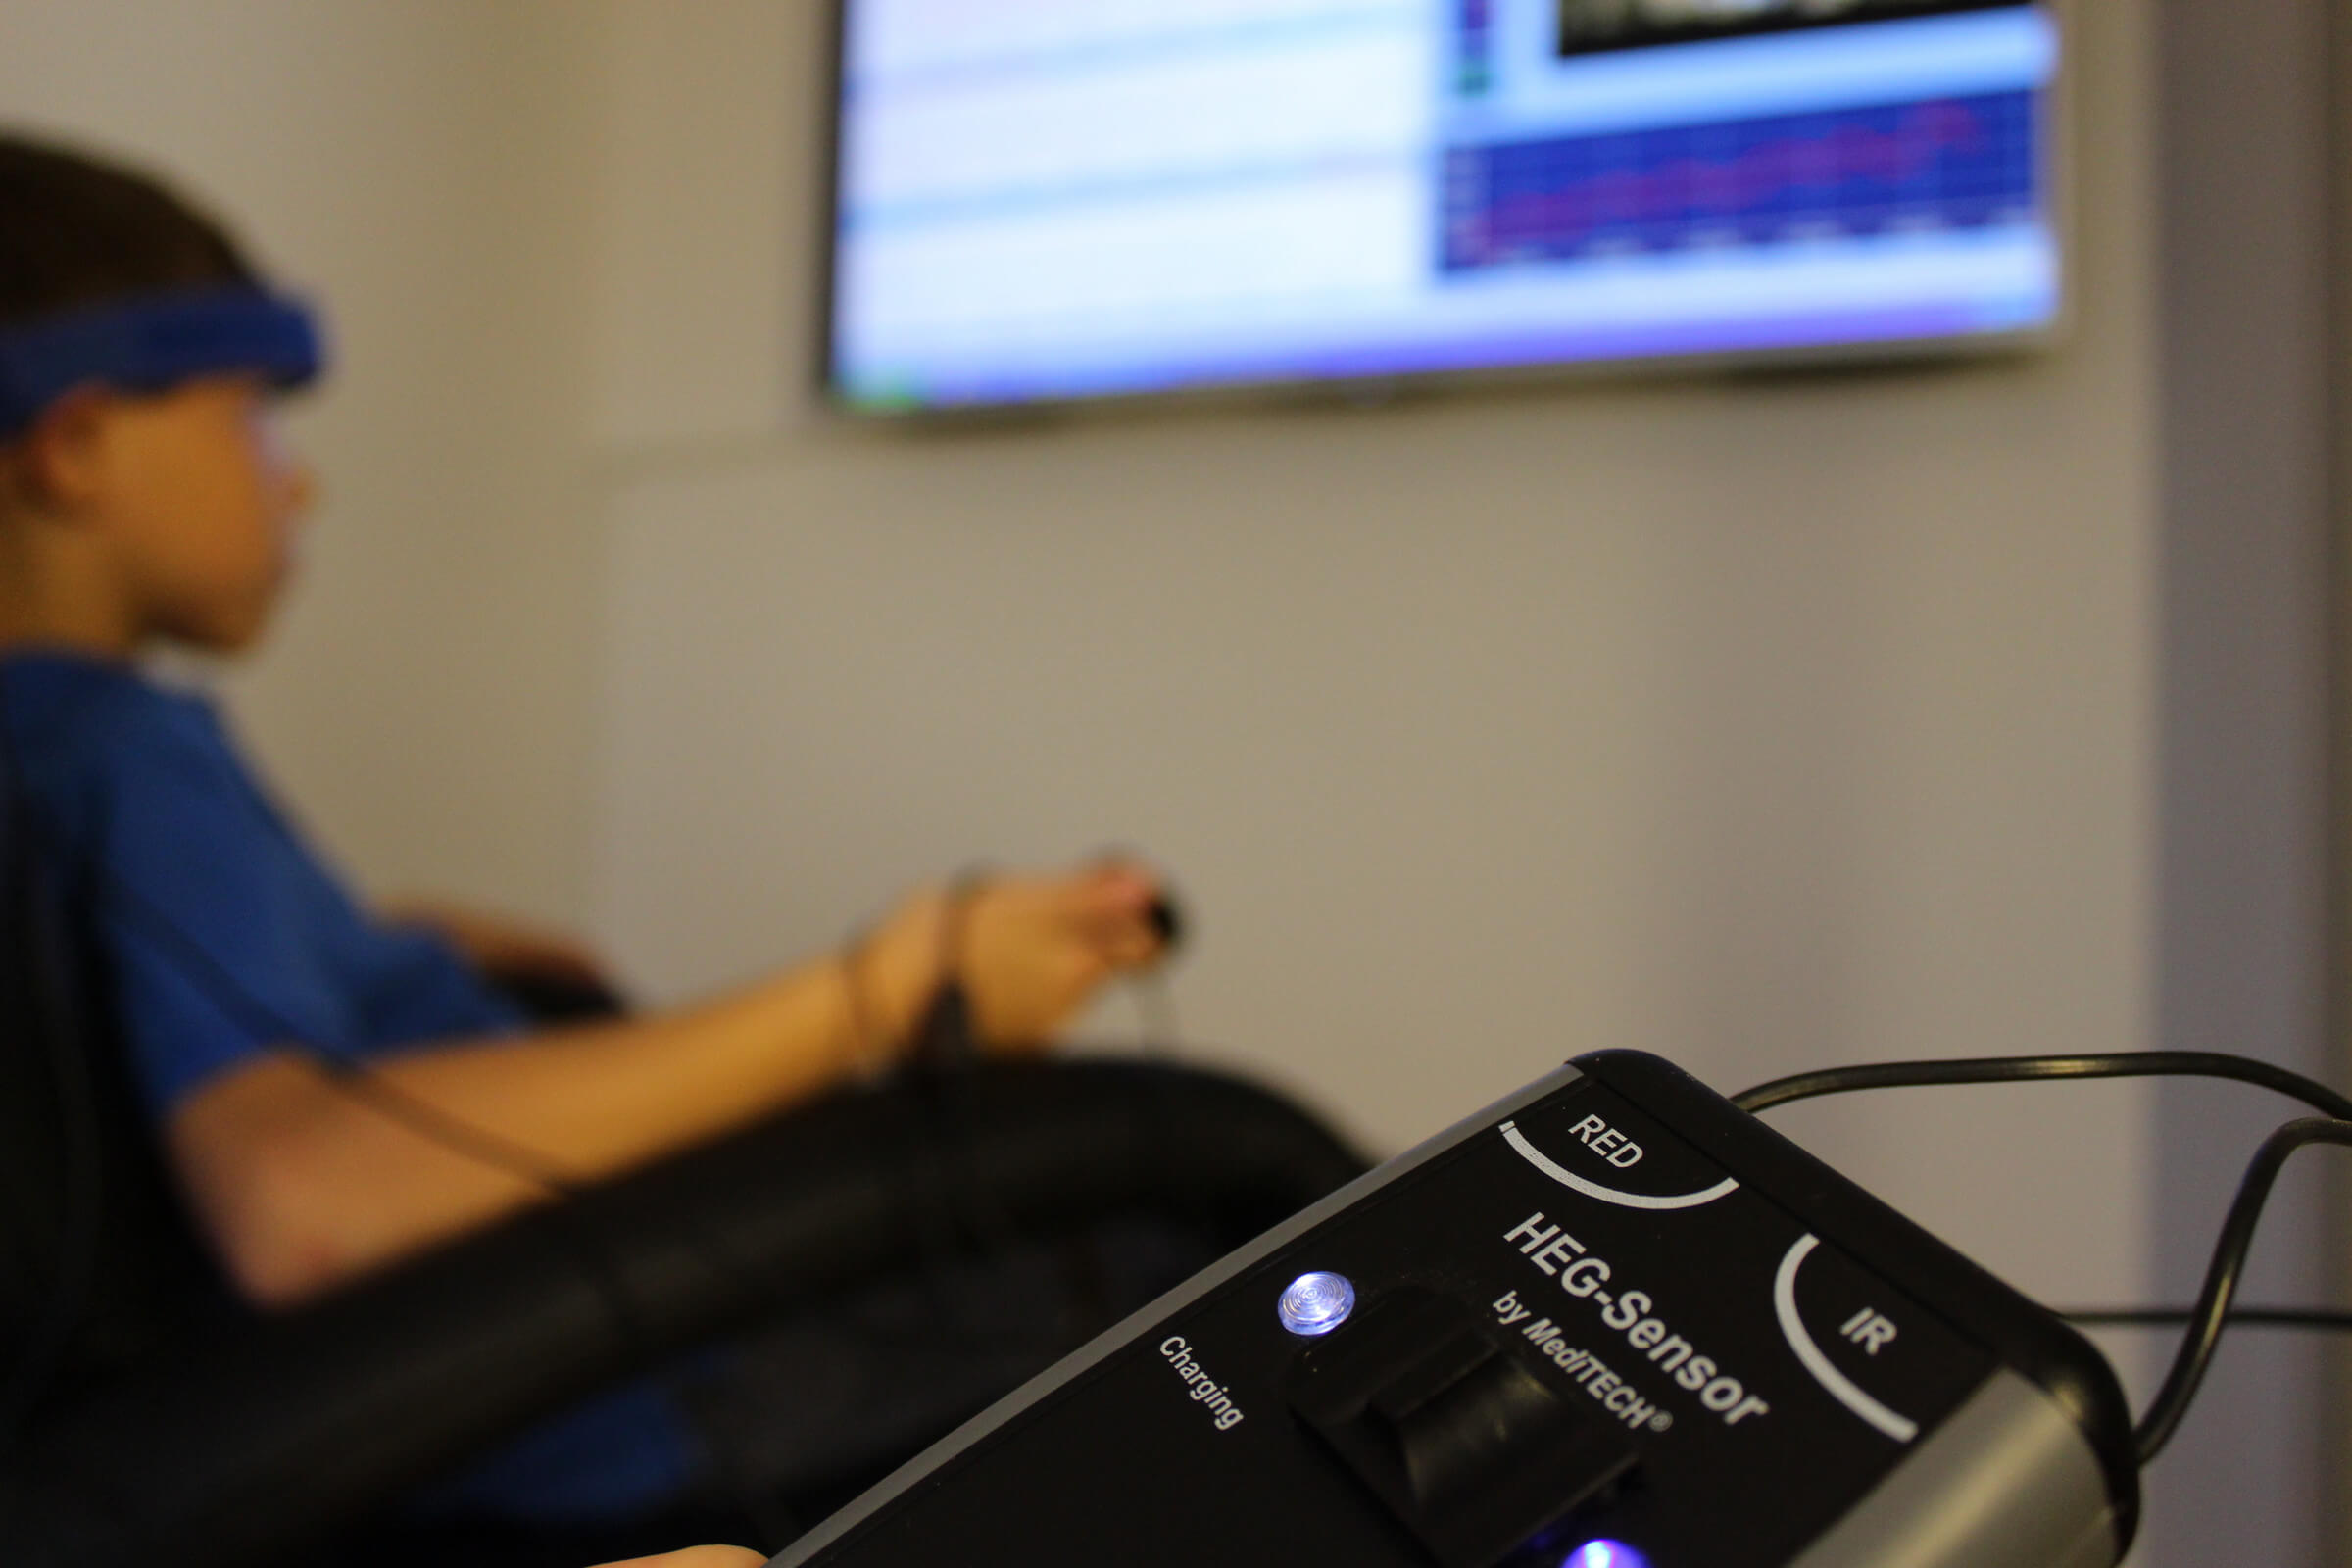 HEG - Hämo - Enzephalographie als Lernunterstützung</br>Durch  Aktivierung  erfolgt eine Steigerung der Durchblutung  des  präfrontalen Cortex